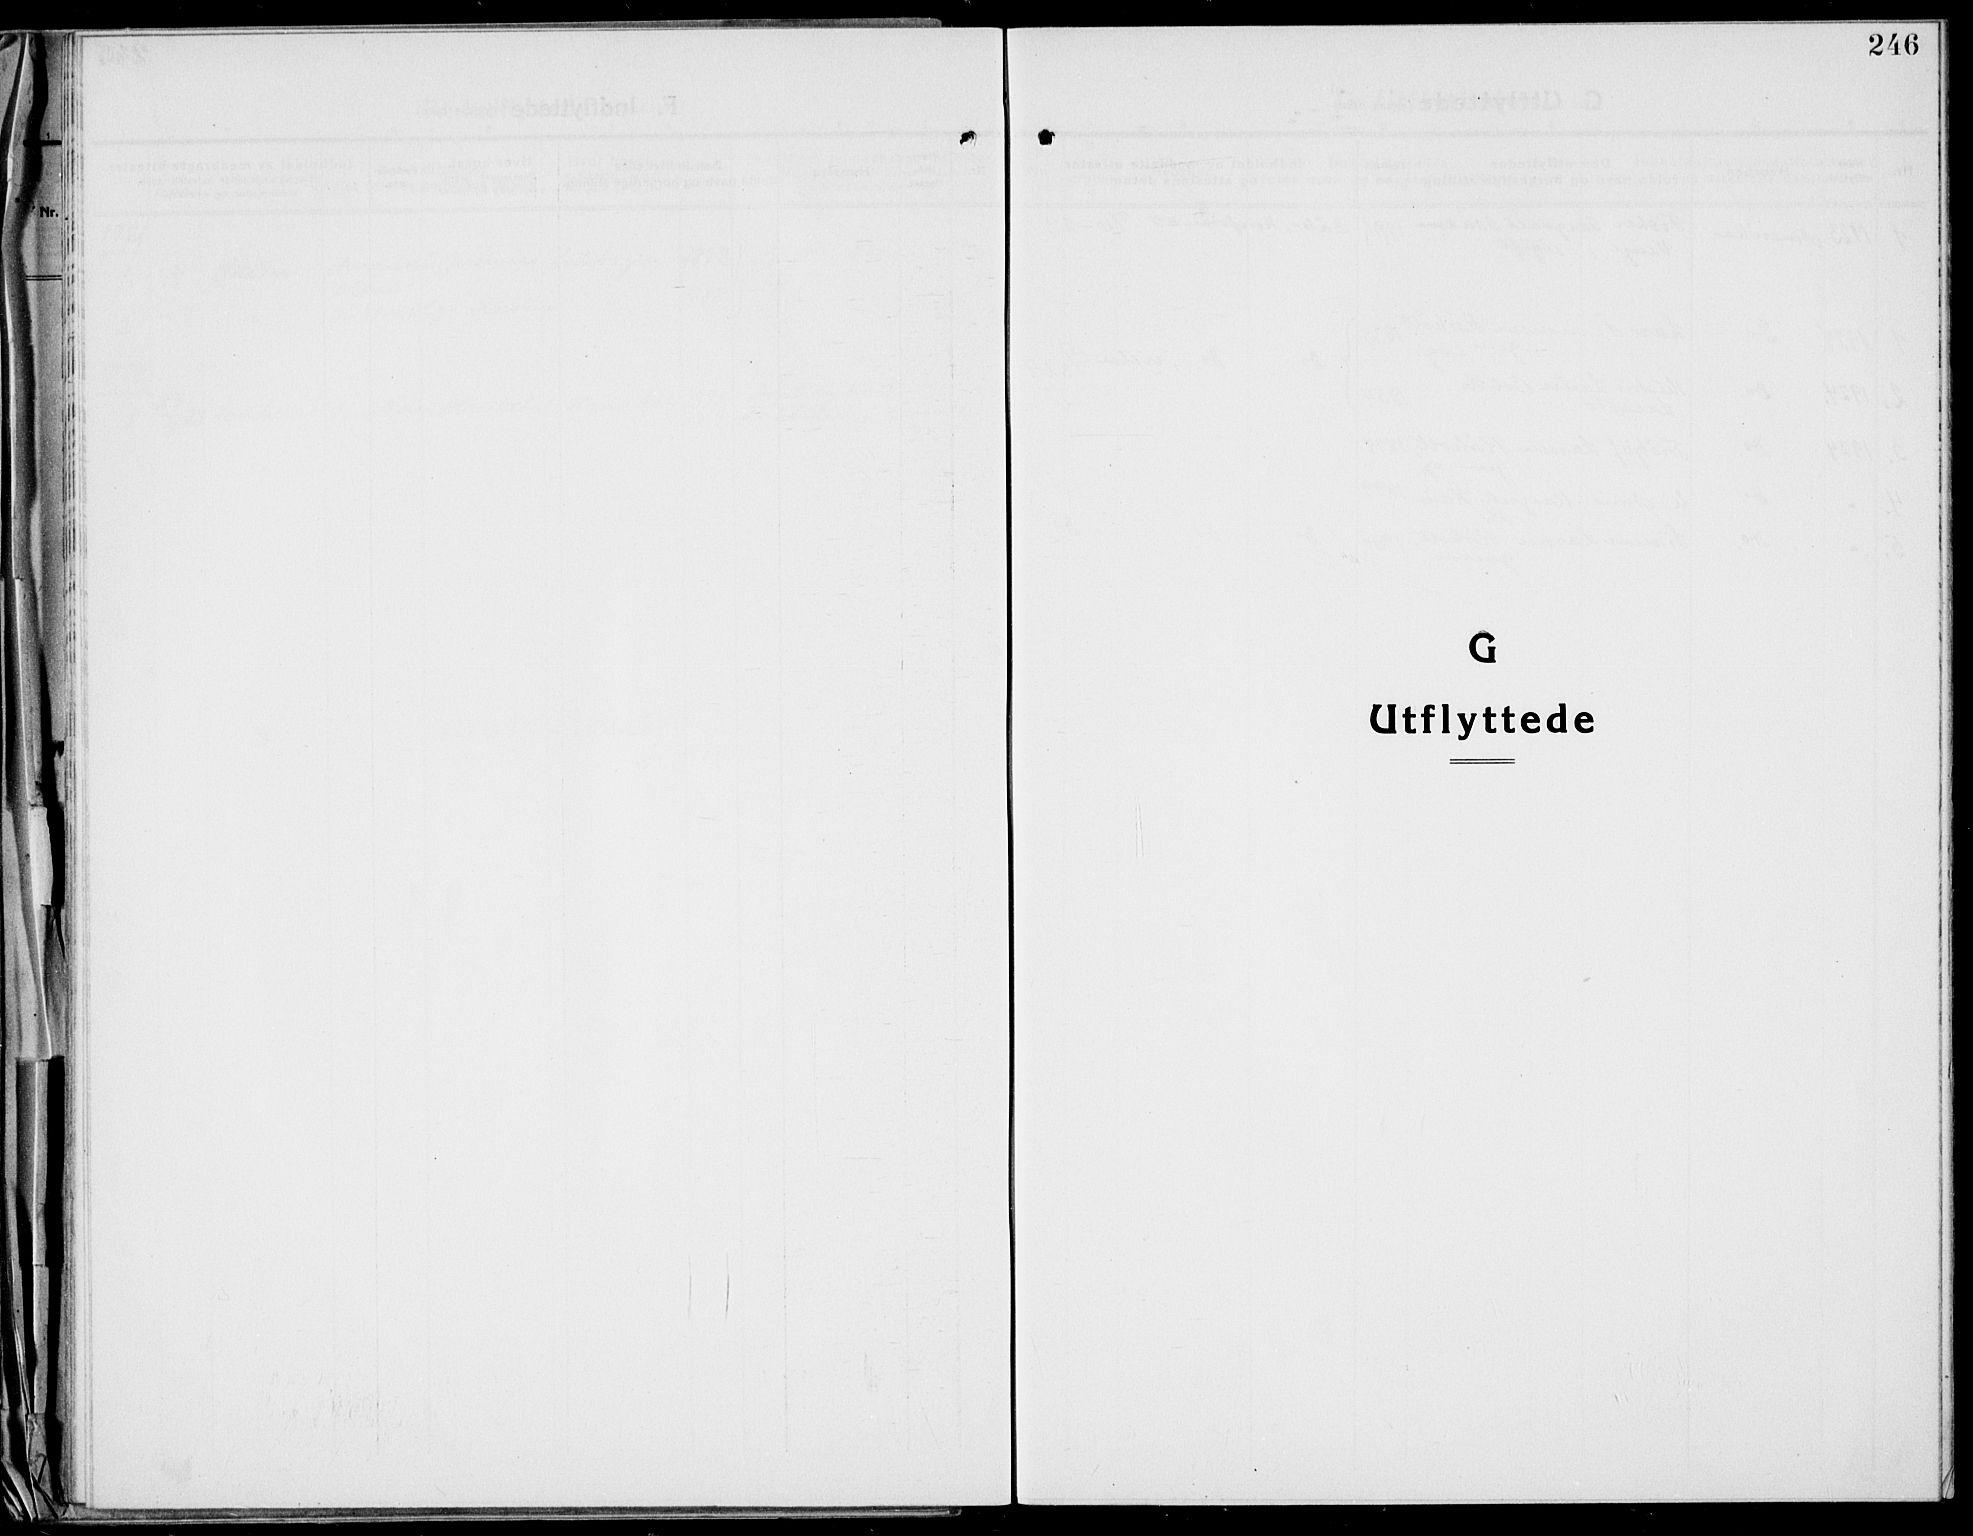 SAKO, Bamble kirkebøker, G/Ga/L0011: Klokkerbok nr. I 11, 1920-1935, s. 246